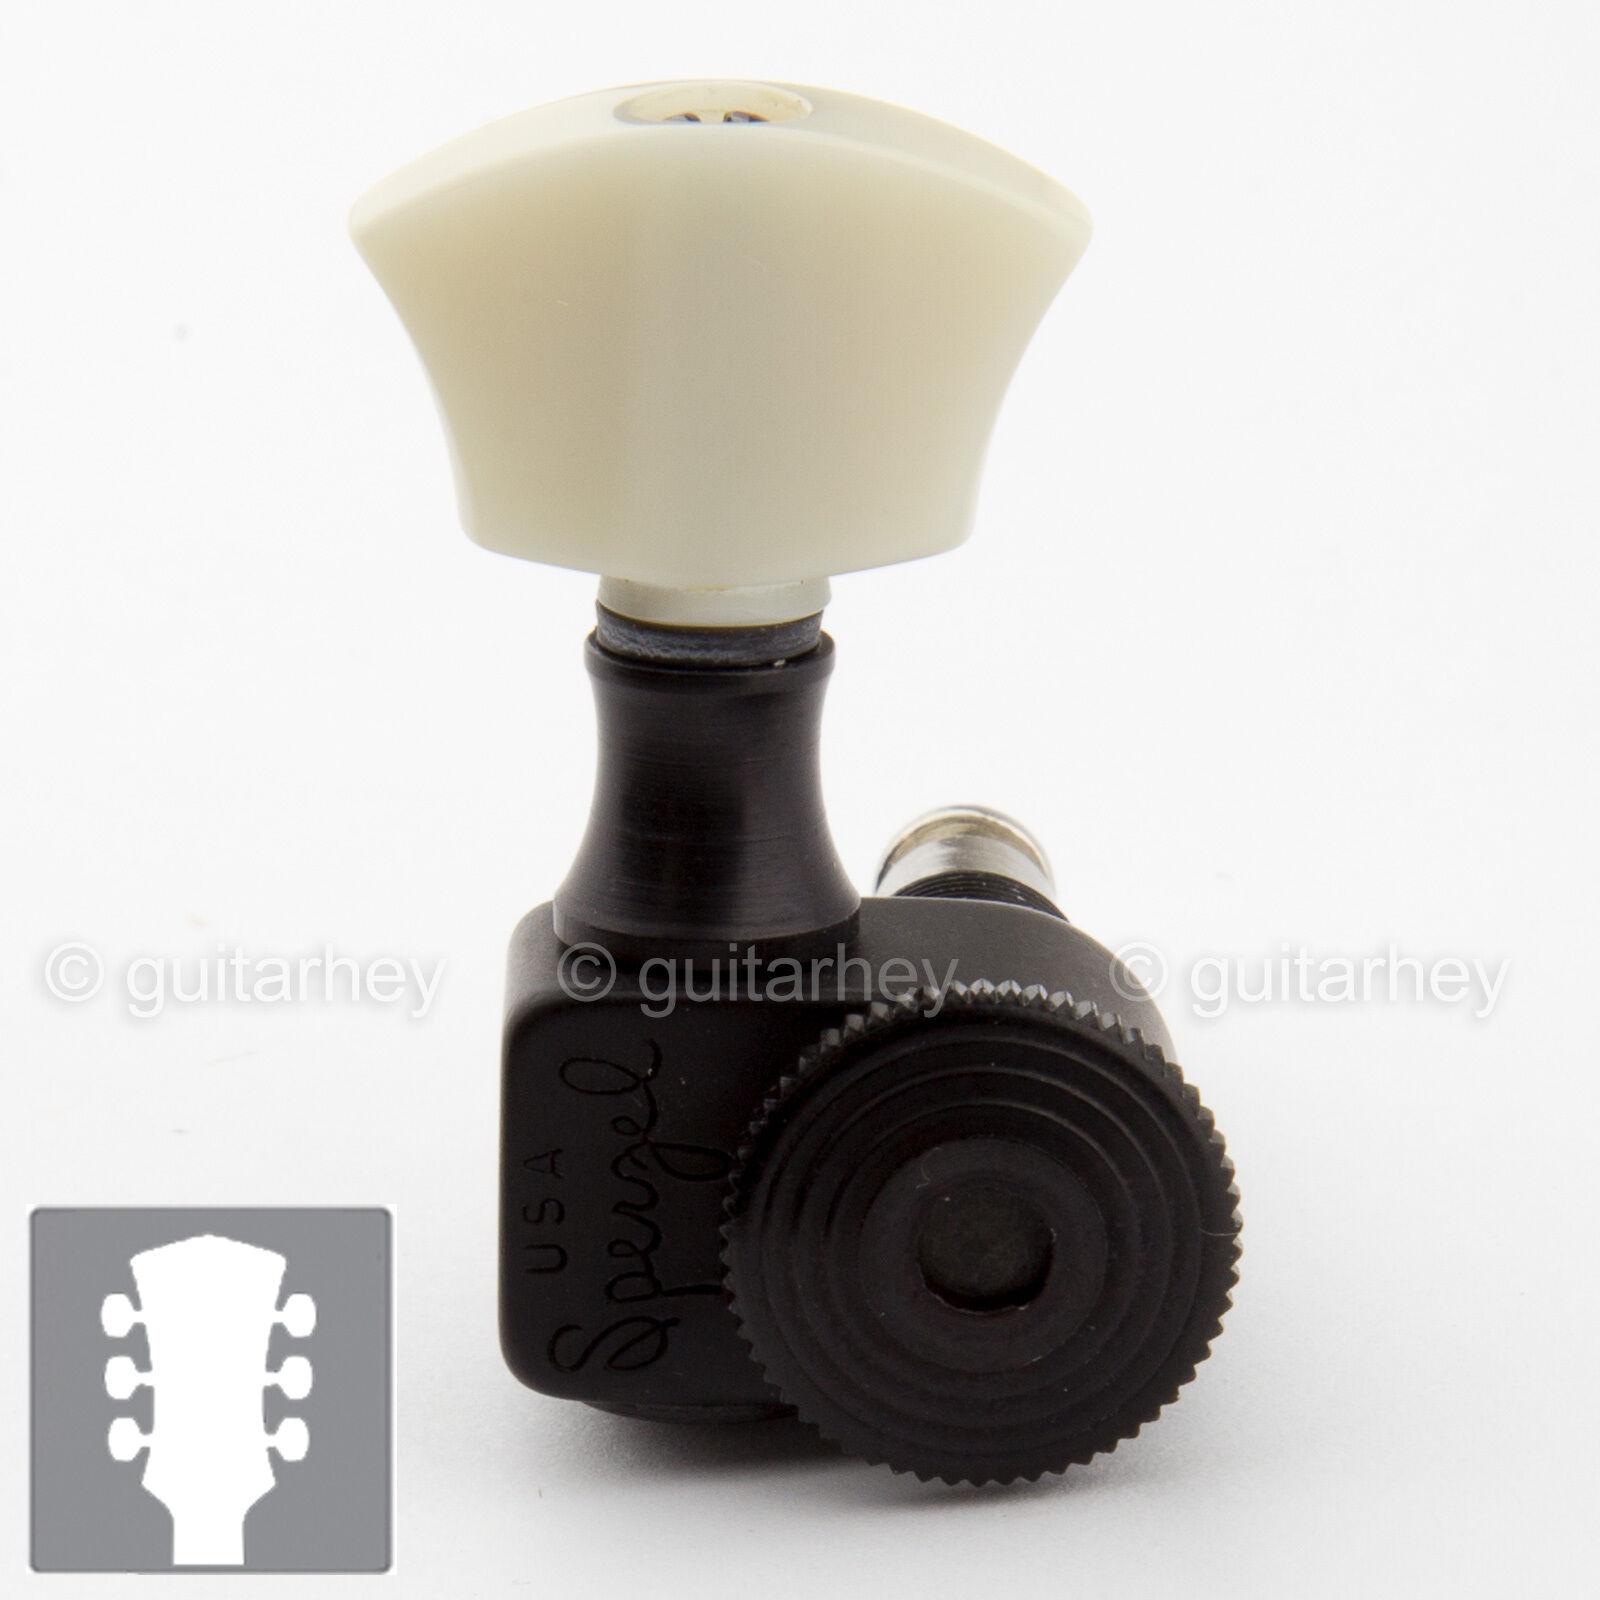 NEW Sperzel Tri ok Locking Guitar Tuners Trim-Lok w  PEARL Buttons 3x3 - schwarz